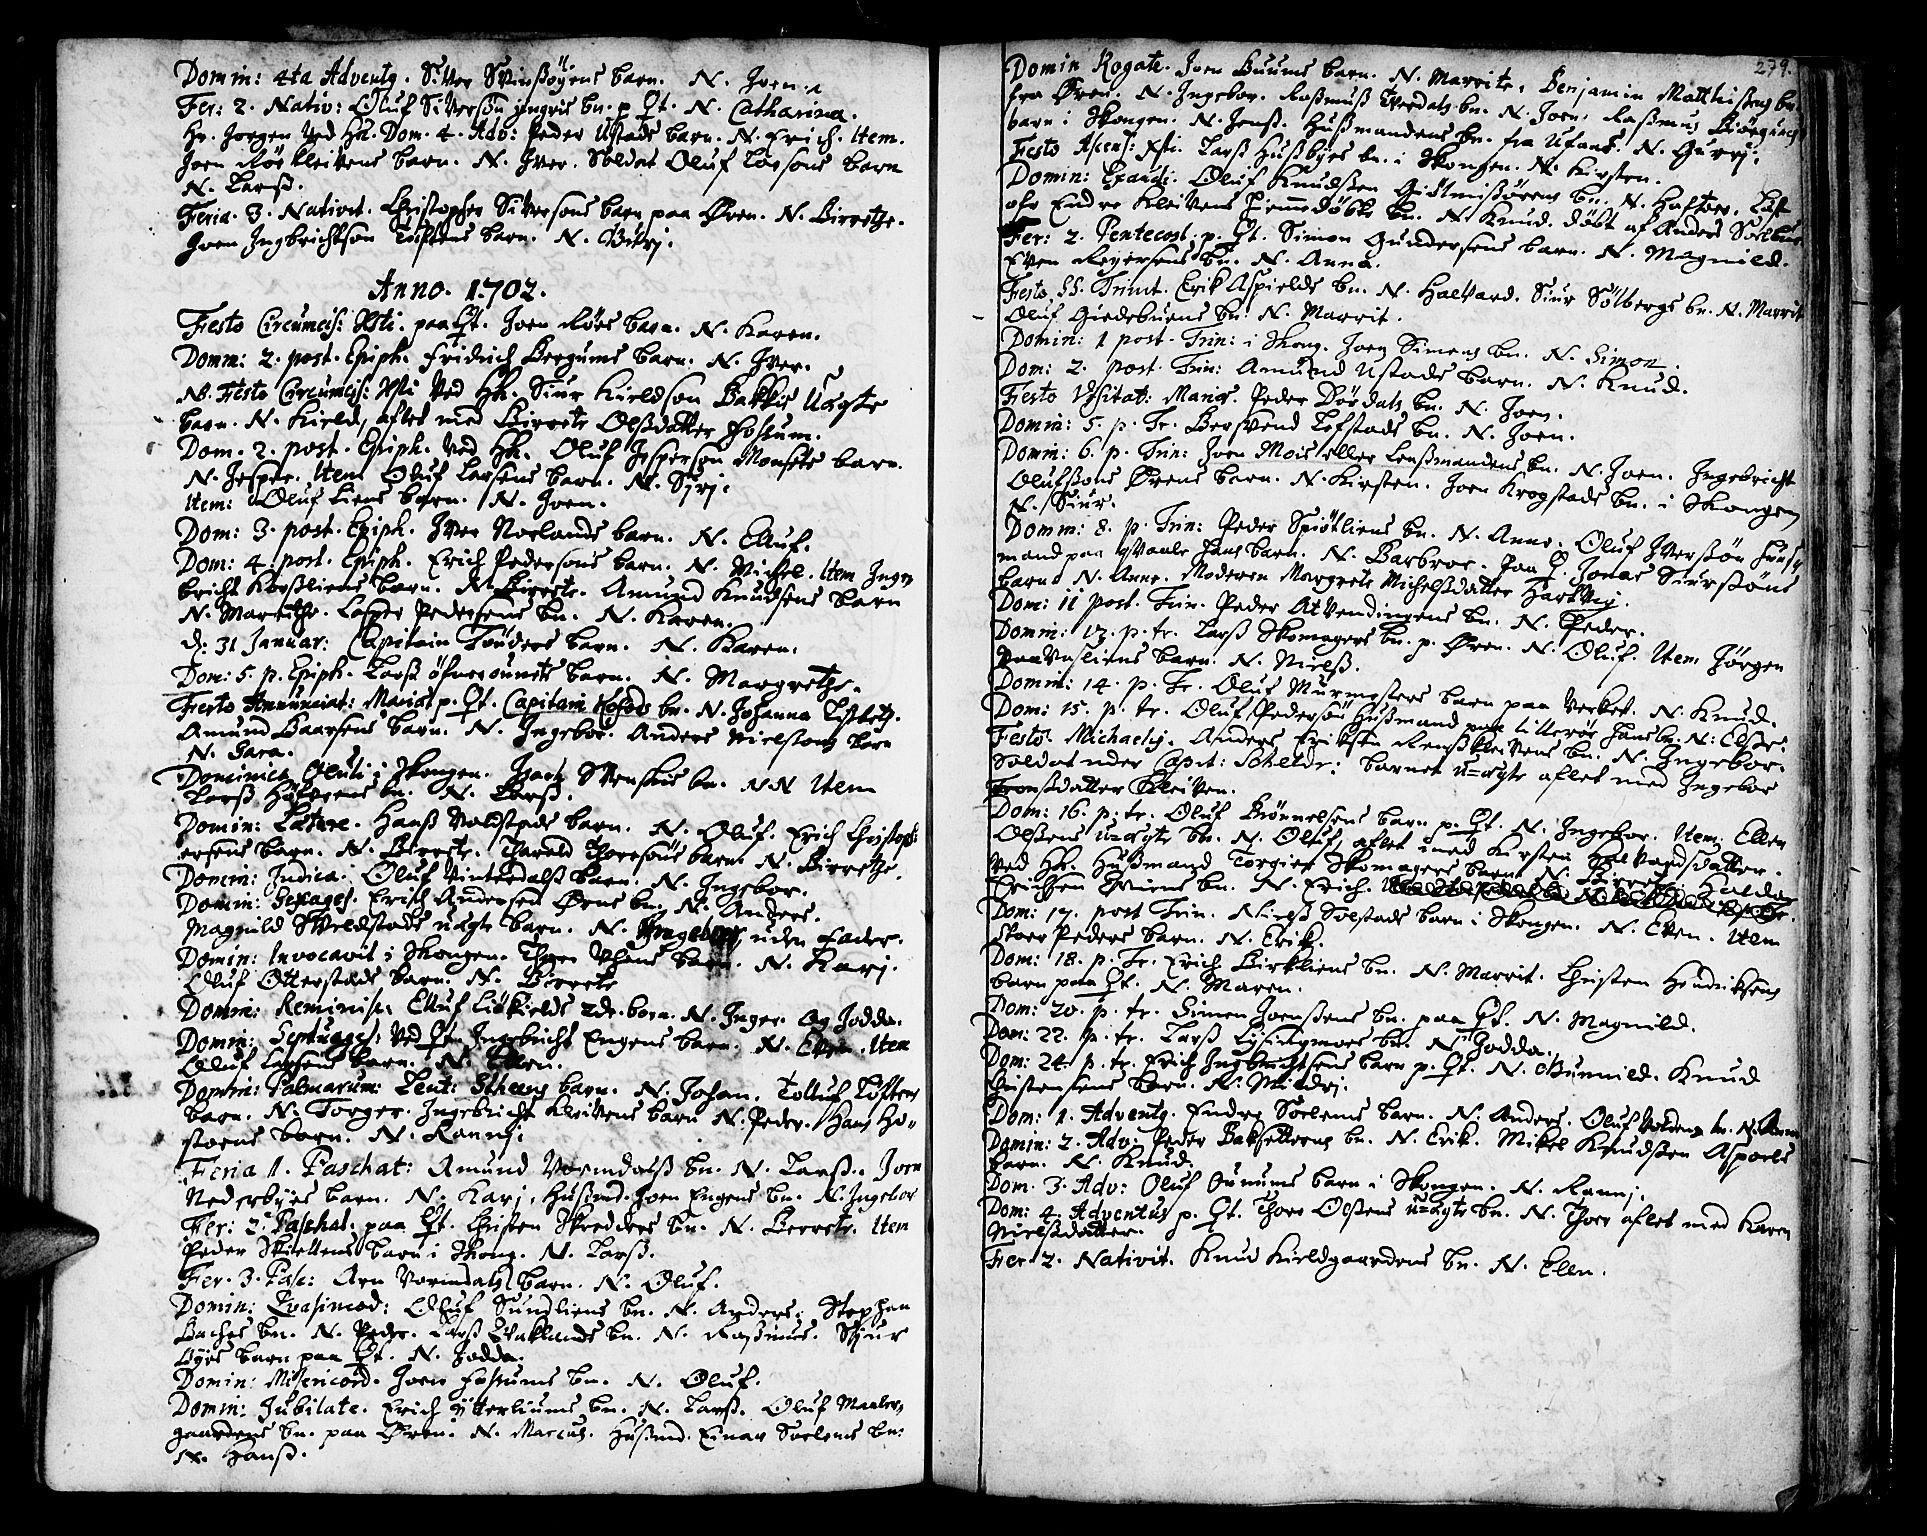 SAT, Ministerialprotokoller, klokkerbøker og fødselsregistre - Sør-Trøndelag, 668/L0801: Ministerialbok nr. 668A01, 1695-1716, s. 278-279